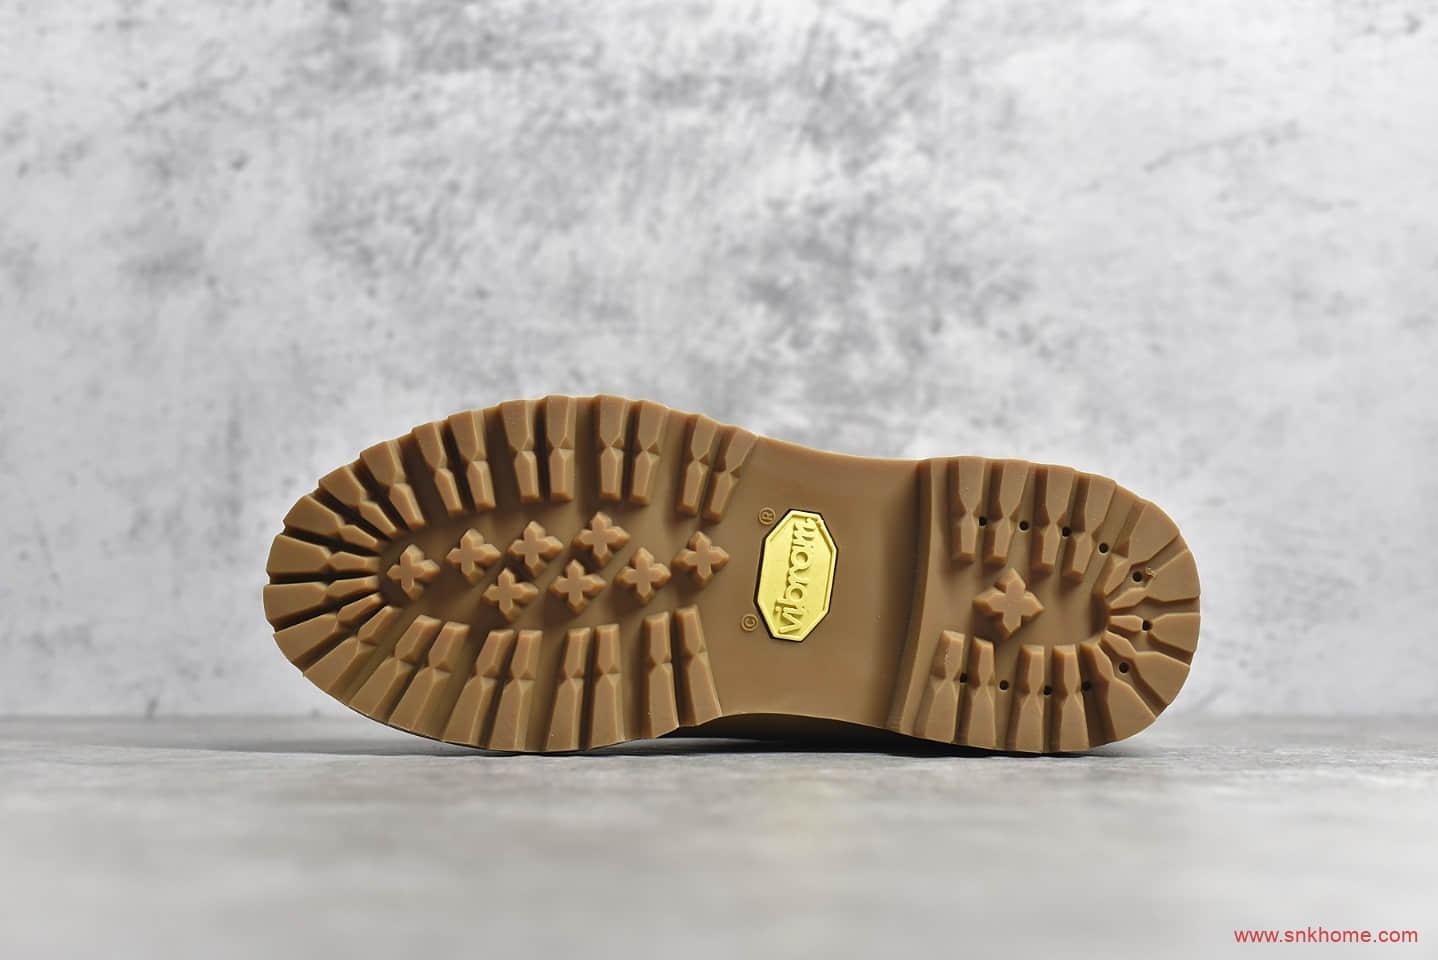 天伯伦金钻大黄靴 Timberland x Jimmy choo 联名金钻 正品天伯伦马丁靴施华洛世奇闪钻-潮流者之家